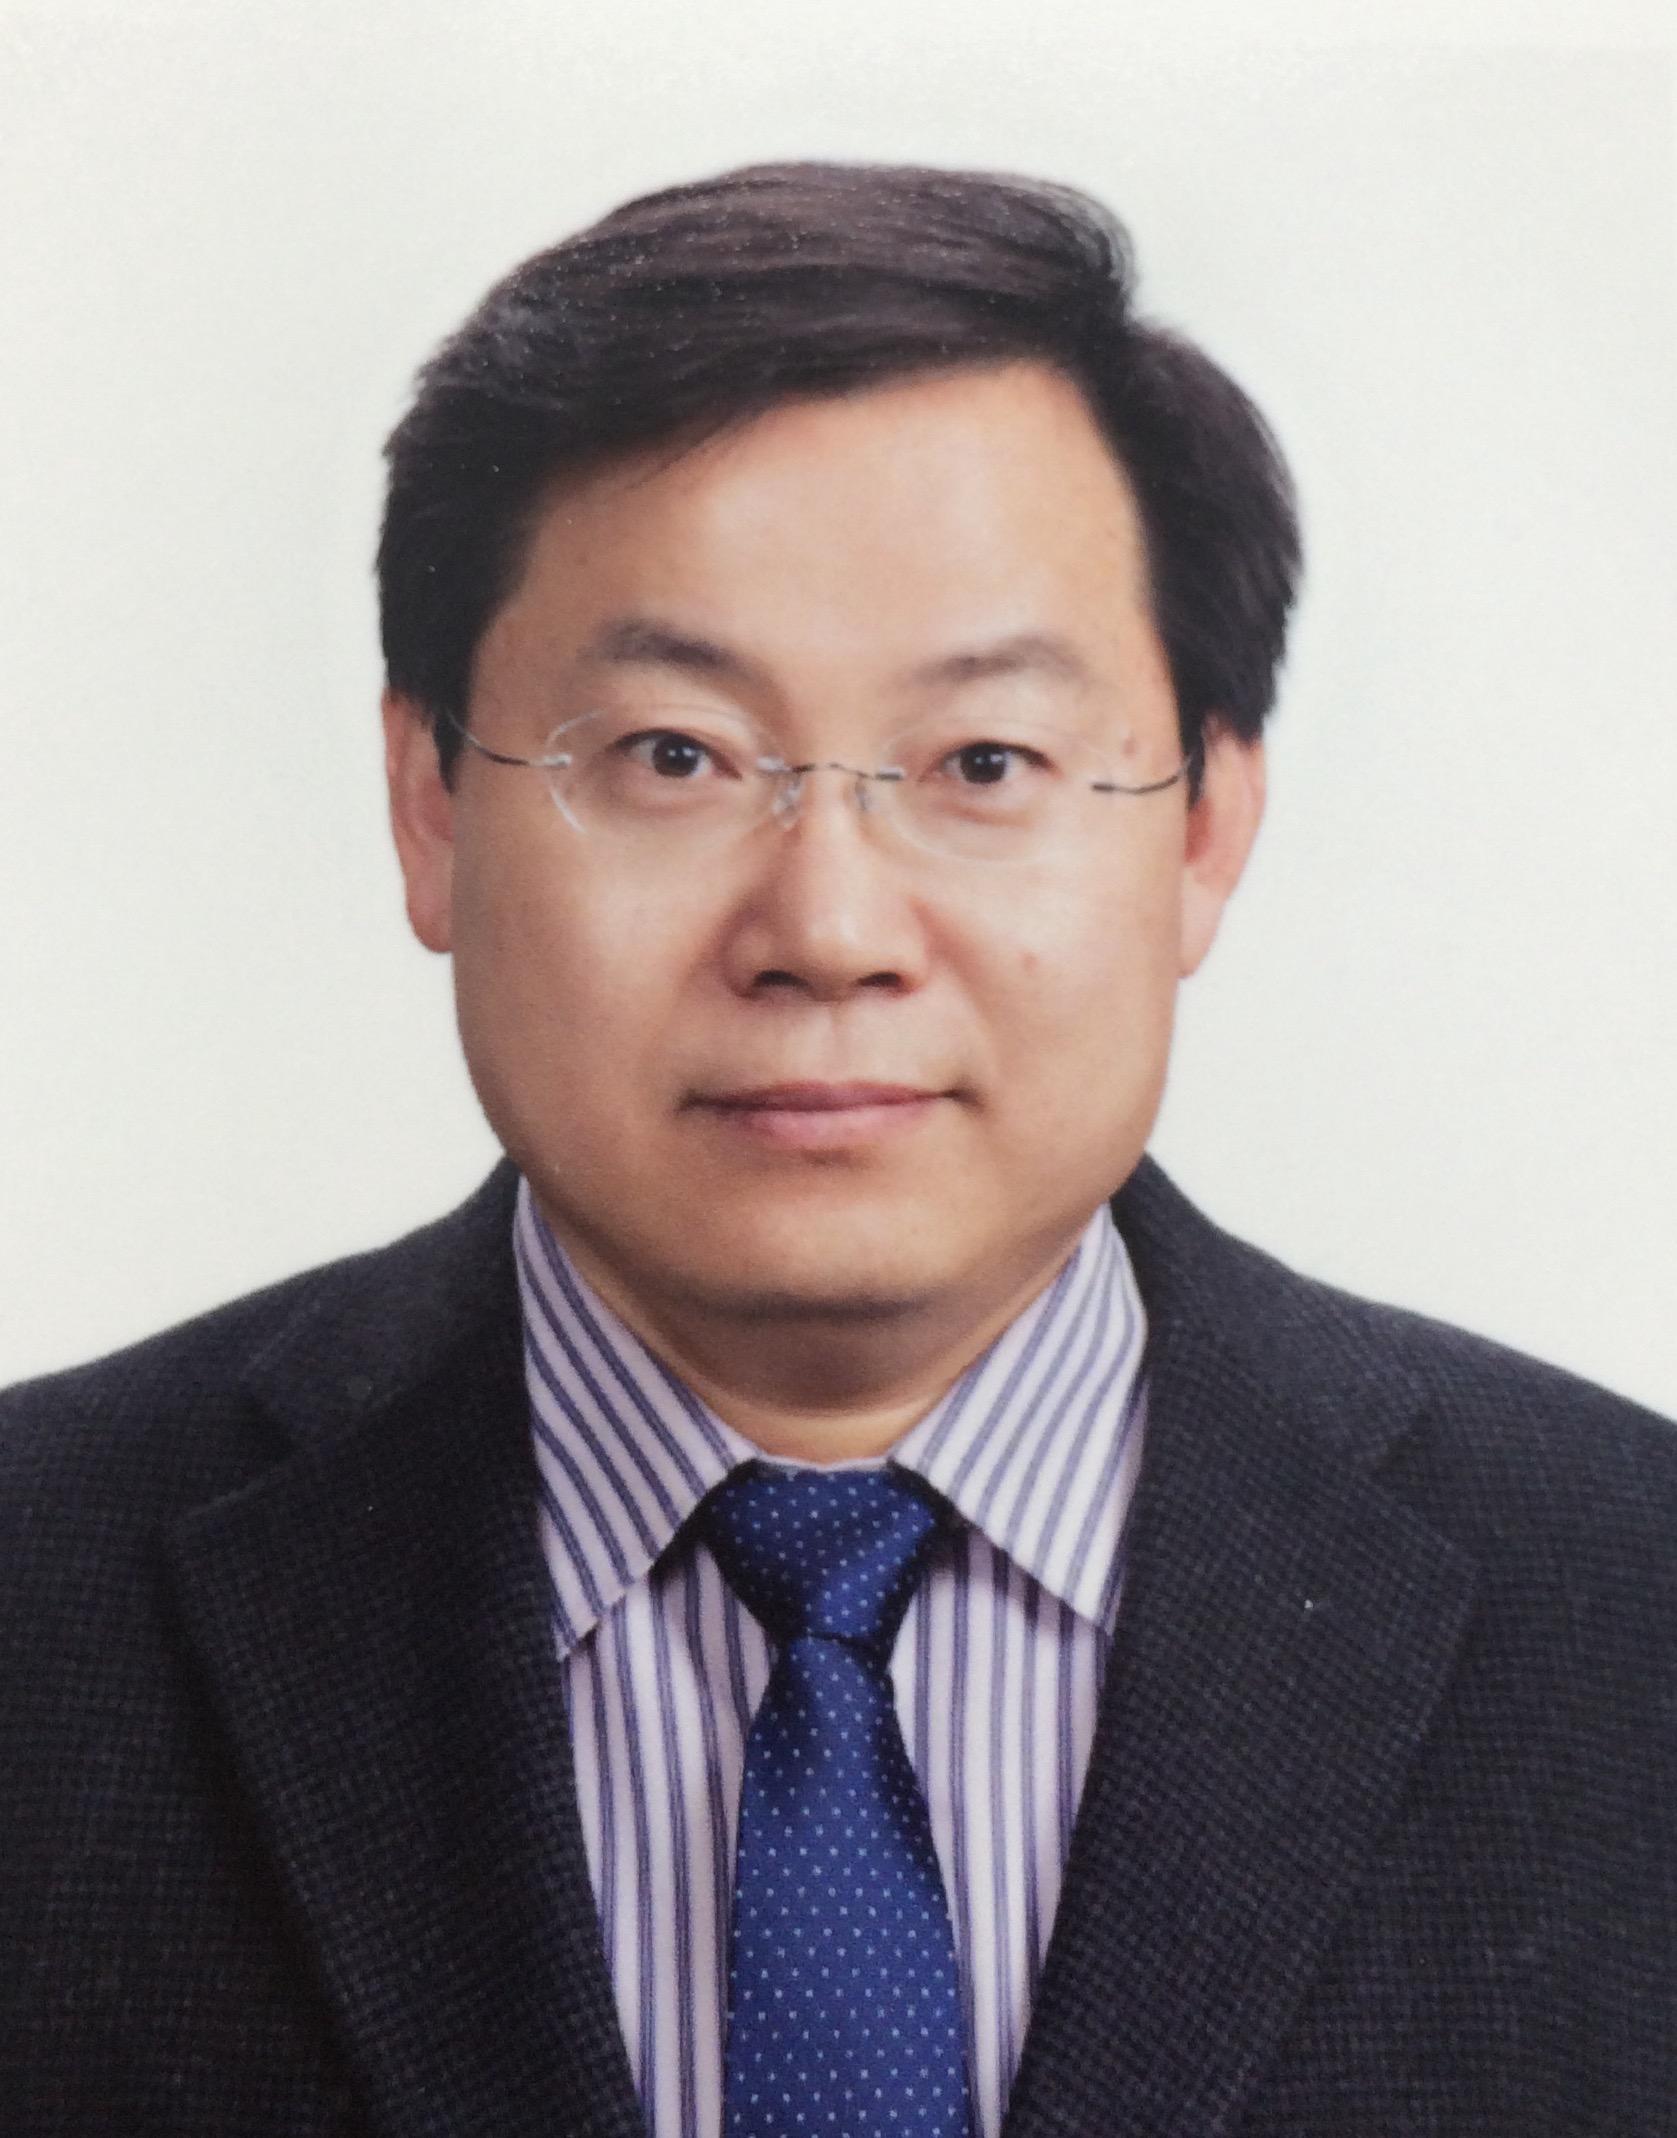 사진2. 이찬복 박사 프로필 사진